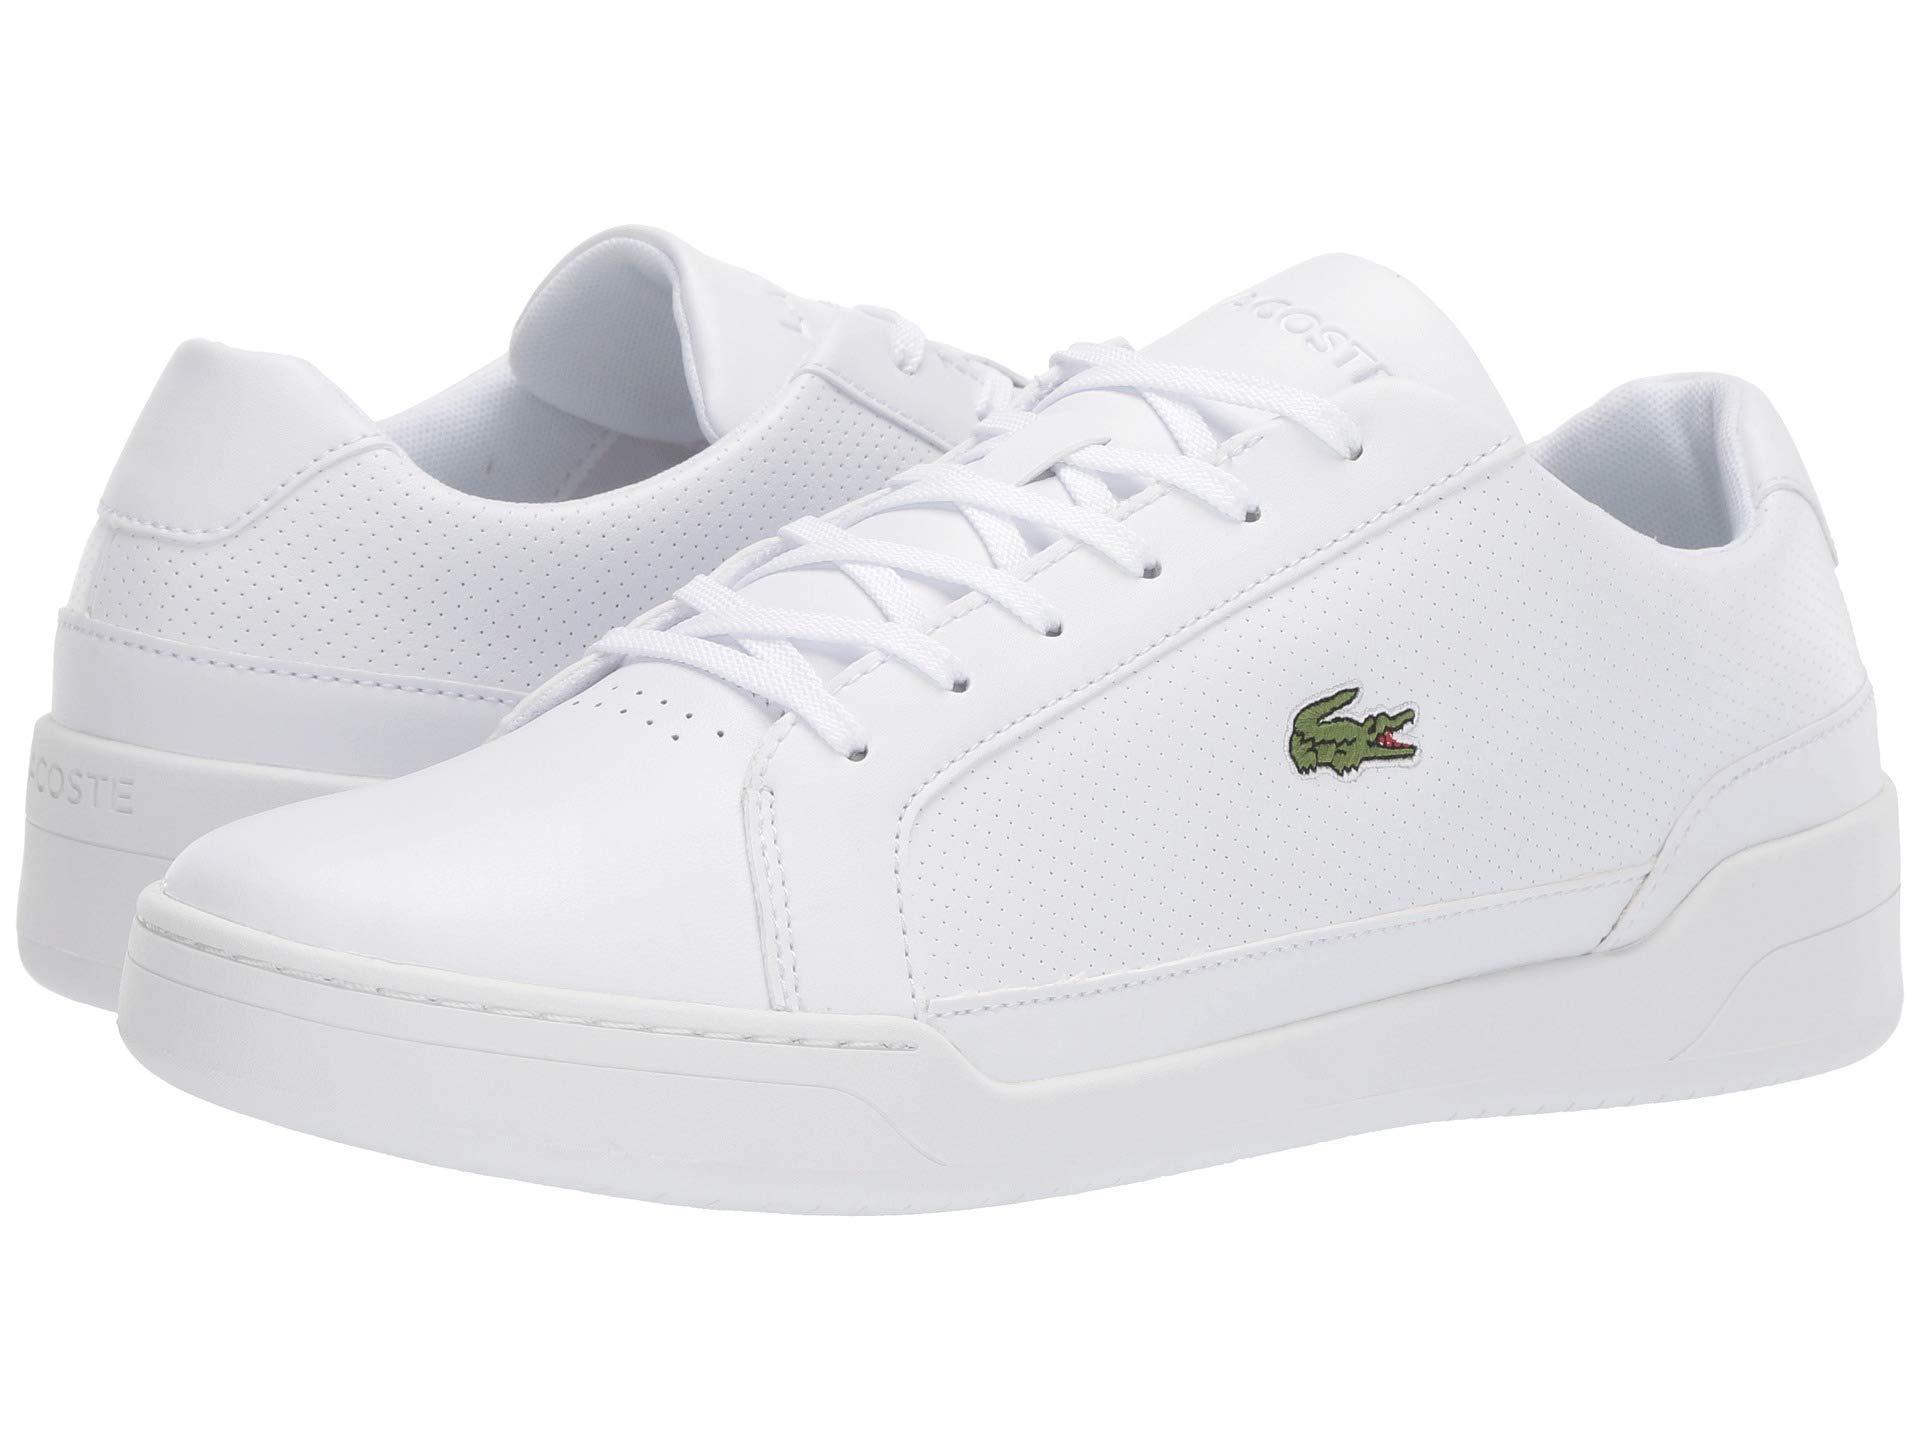 74e0f8e5d Lyst - Lacoste Challenge 119 2 Sma (grey white) Men s Shoes in White ...